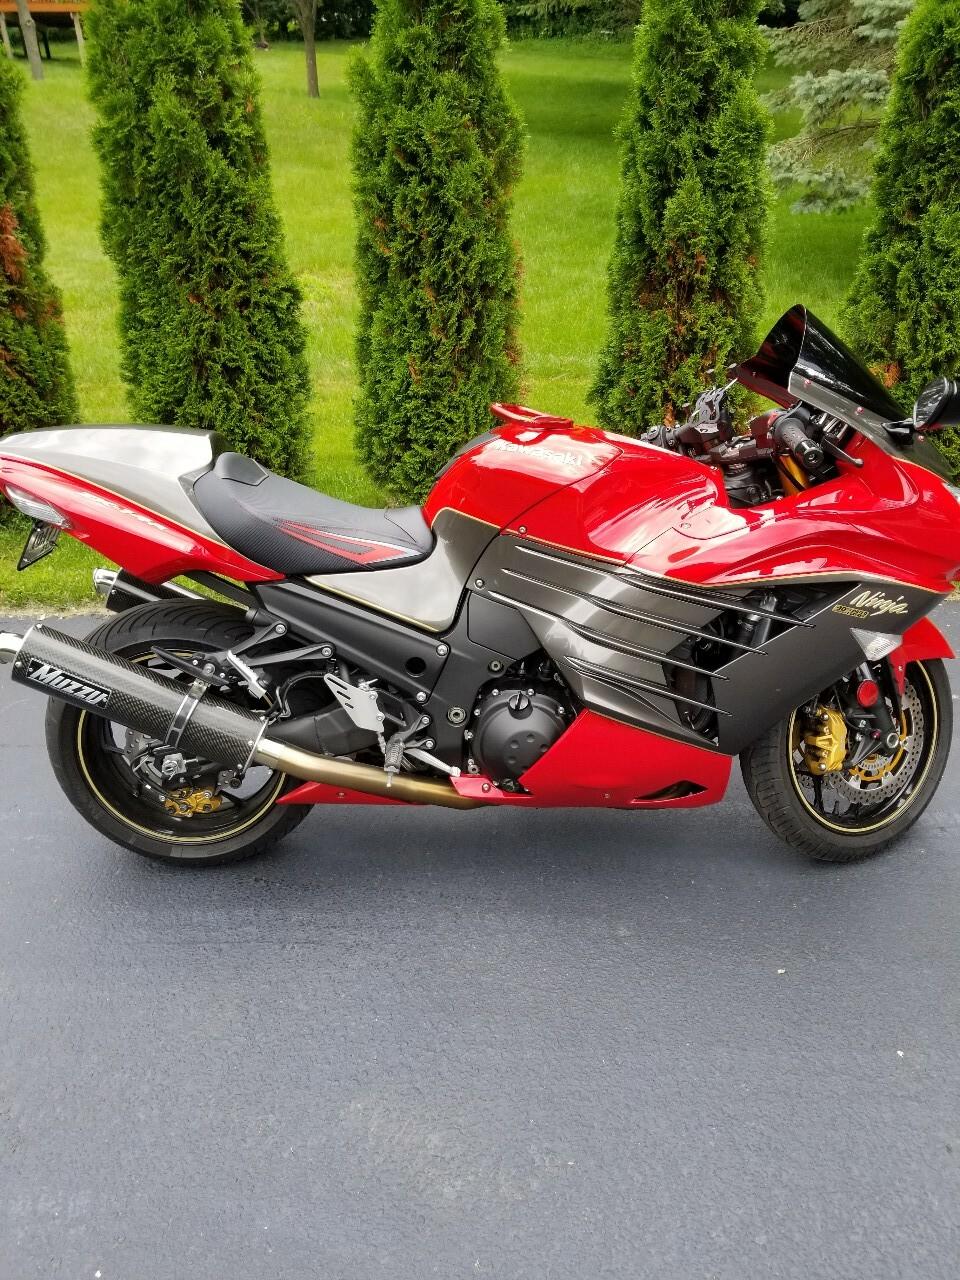 Ninja ZX--14 For Sale - Kawasaki Motorcycles - Cycle Trader